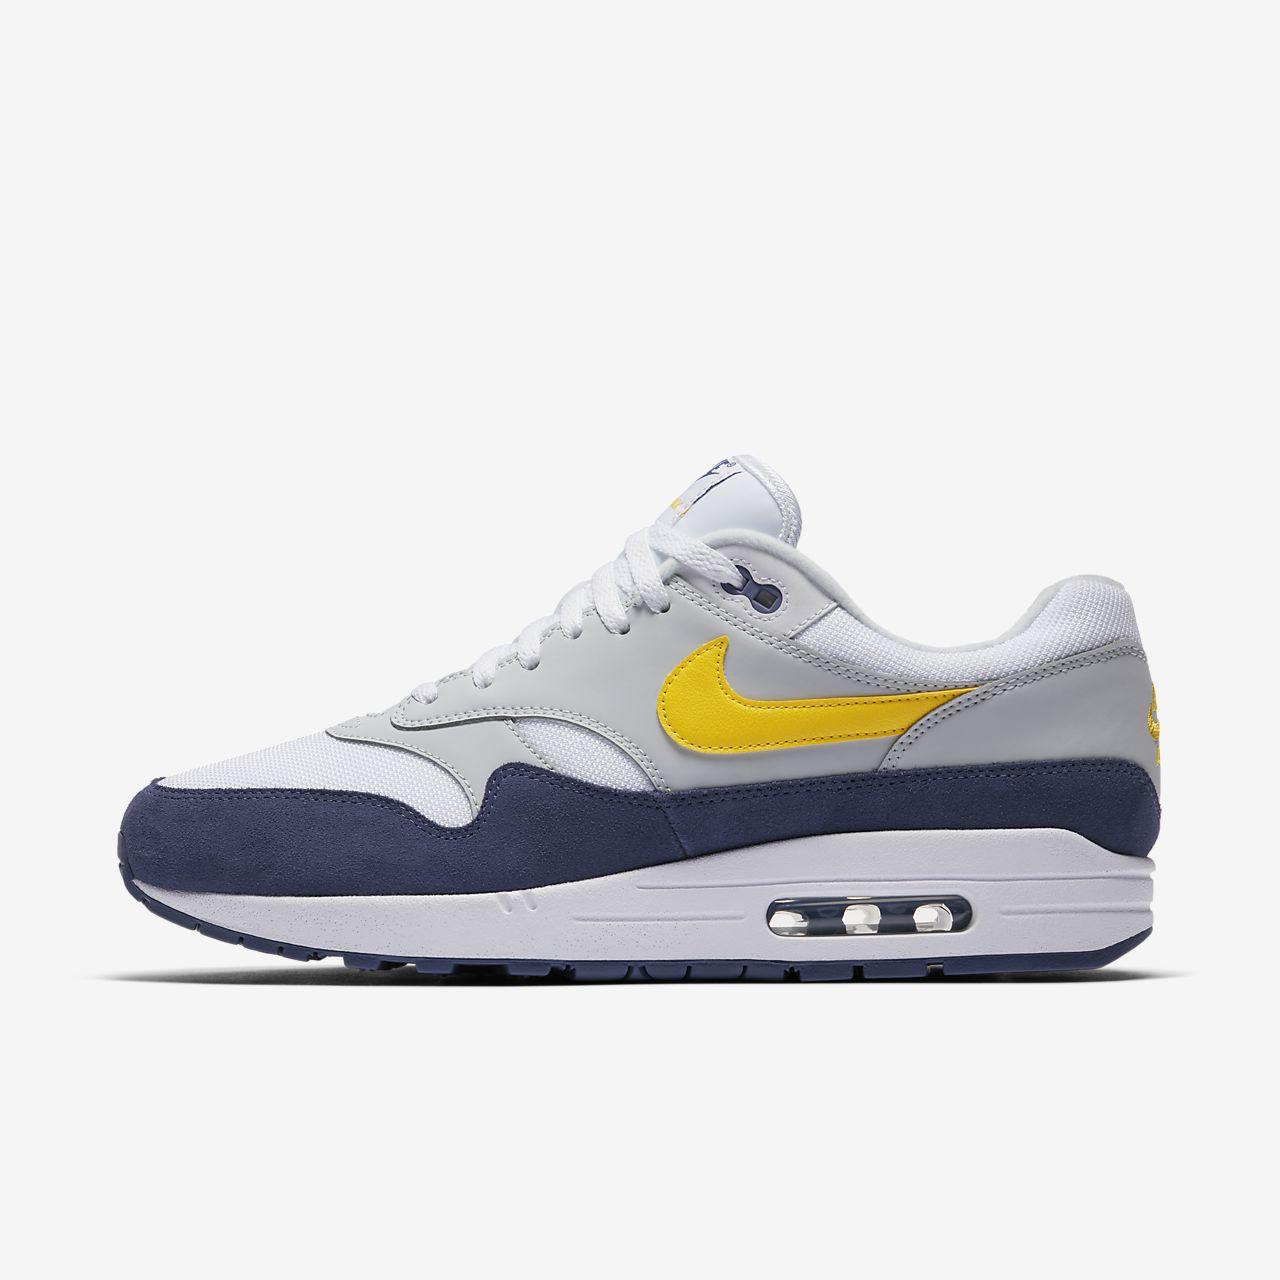 uk availability af711 98263 Chaussure Nike Air Air Air Max 1 Pour Ch 3e9b40